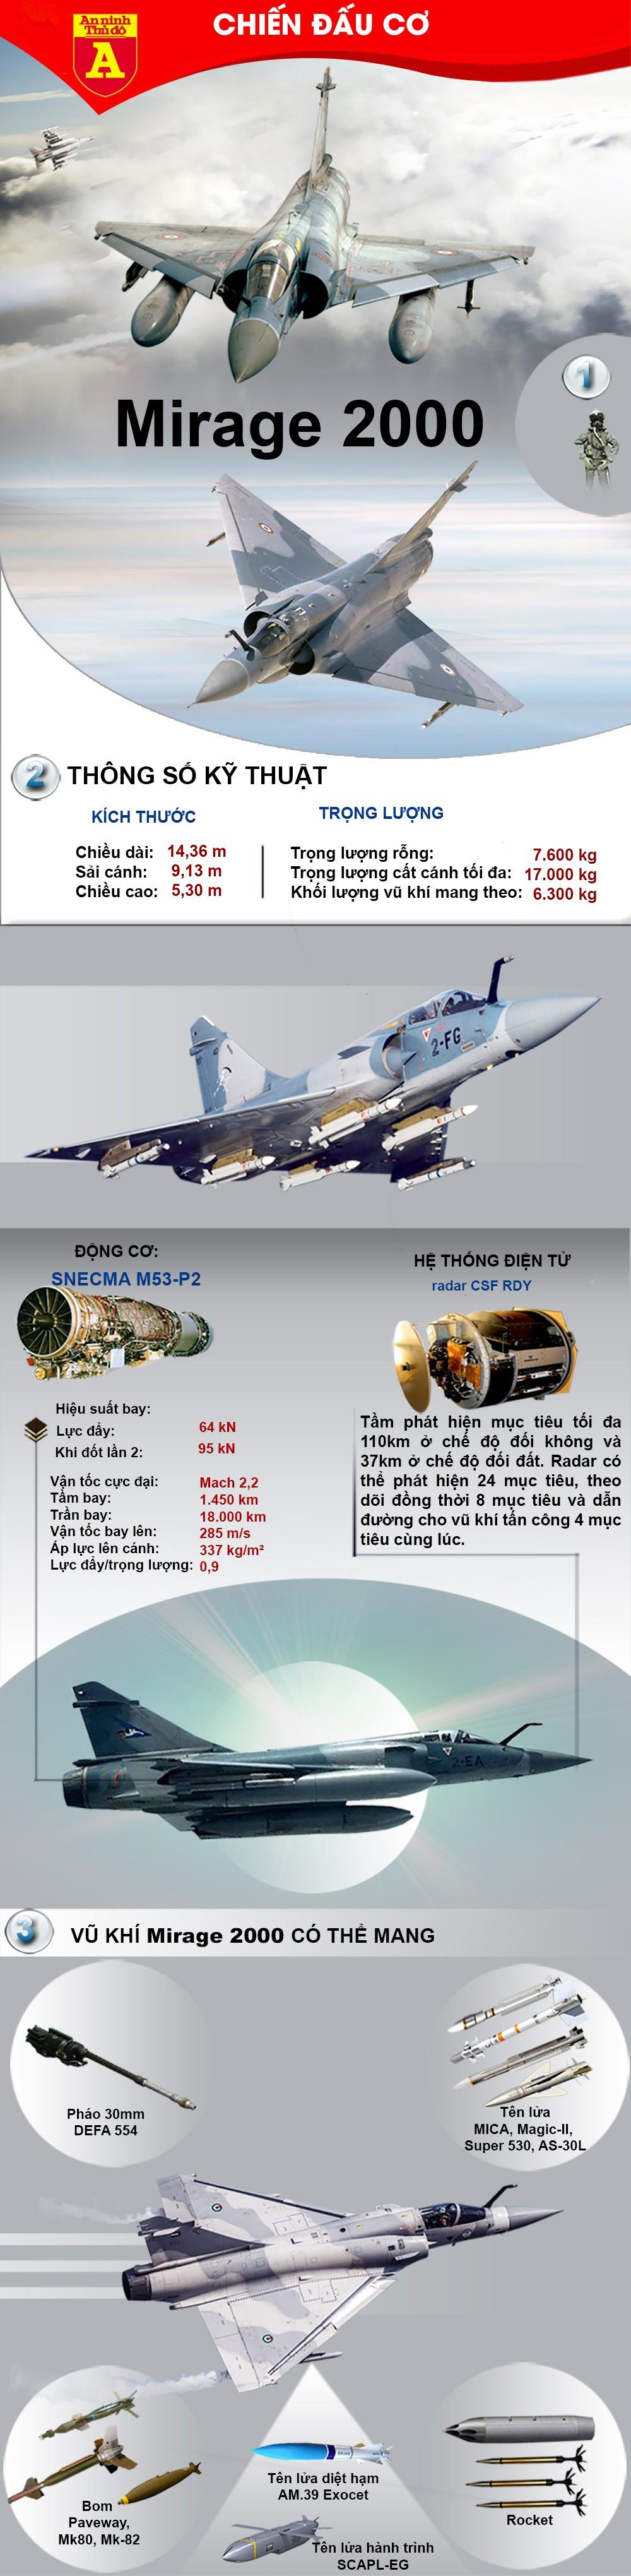 [Info] Thêm Mirage-2000 bị Pakistan bắn rơi, cú giáng mạnh vào không quân Ấn Độ? ảnh 3